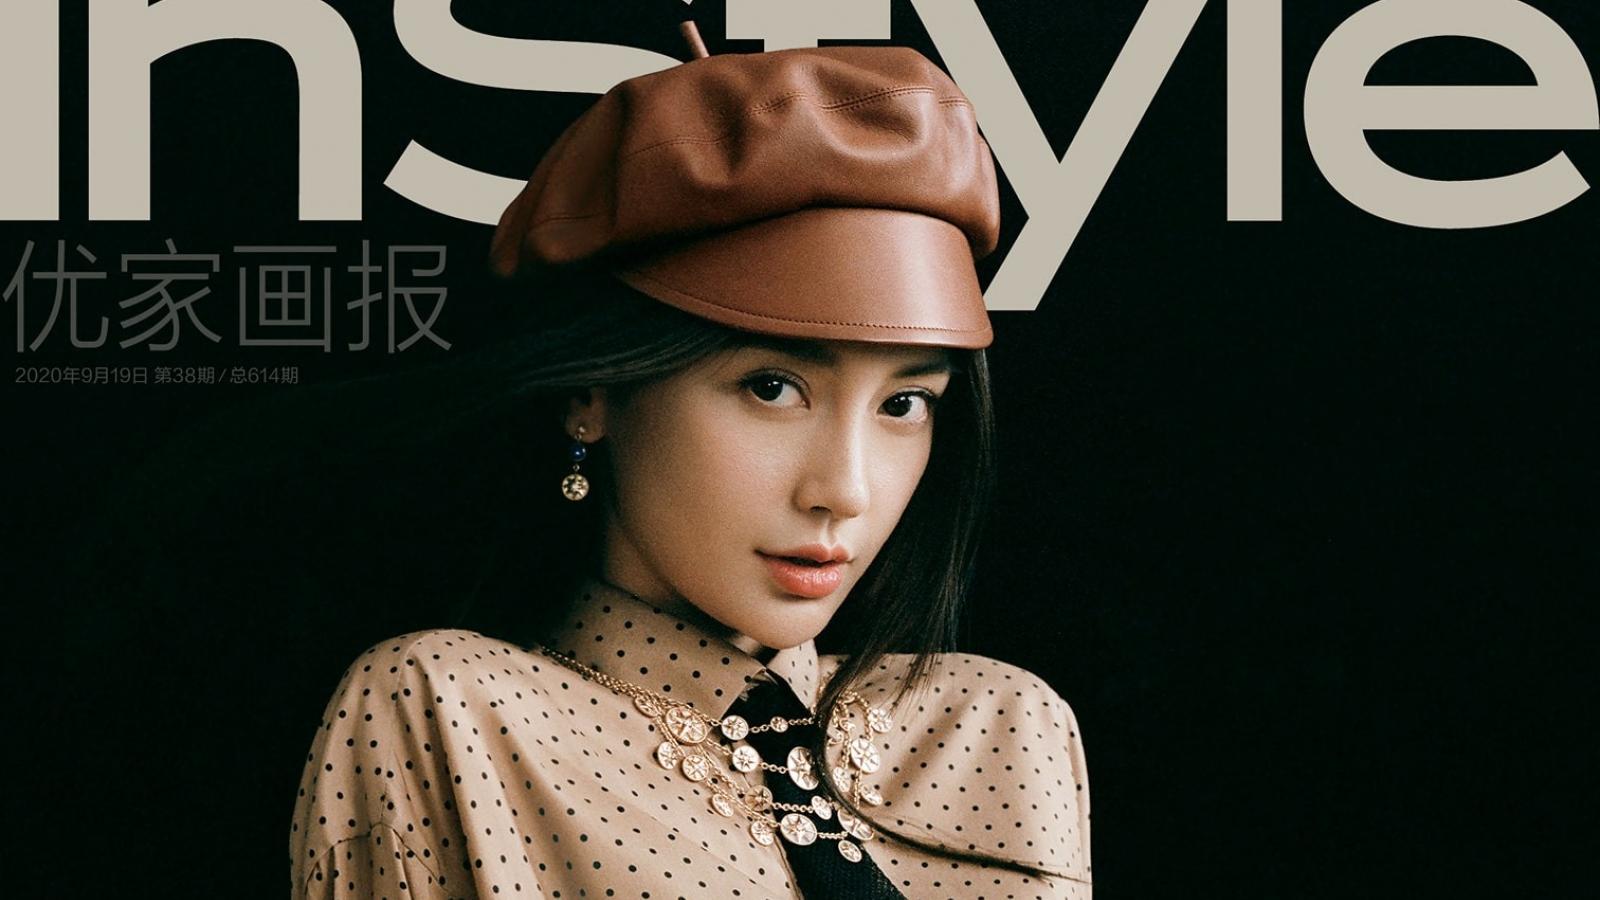 Đụng áo với Jisoo (BLACKPINK), bà xã Huỳnh Hiểu Minh sang chảnh, cuốn hút